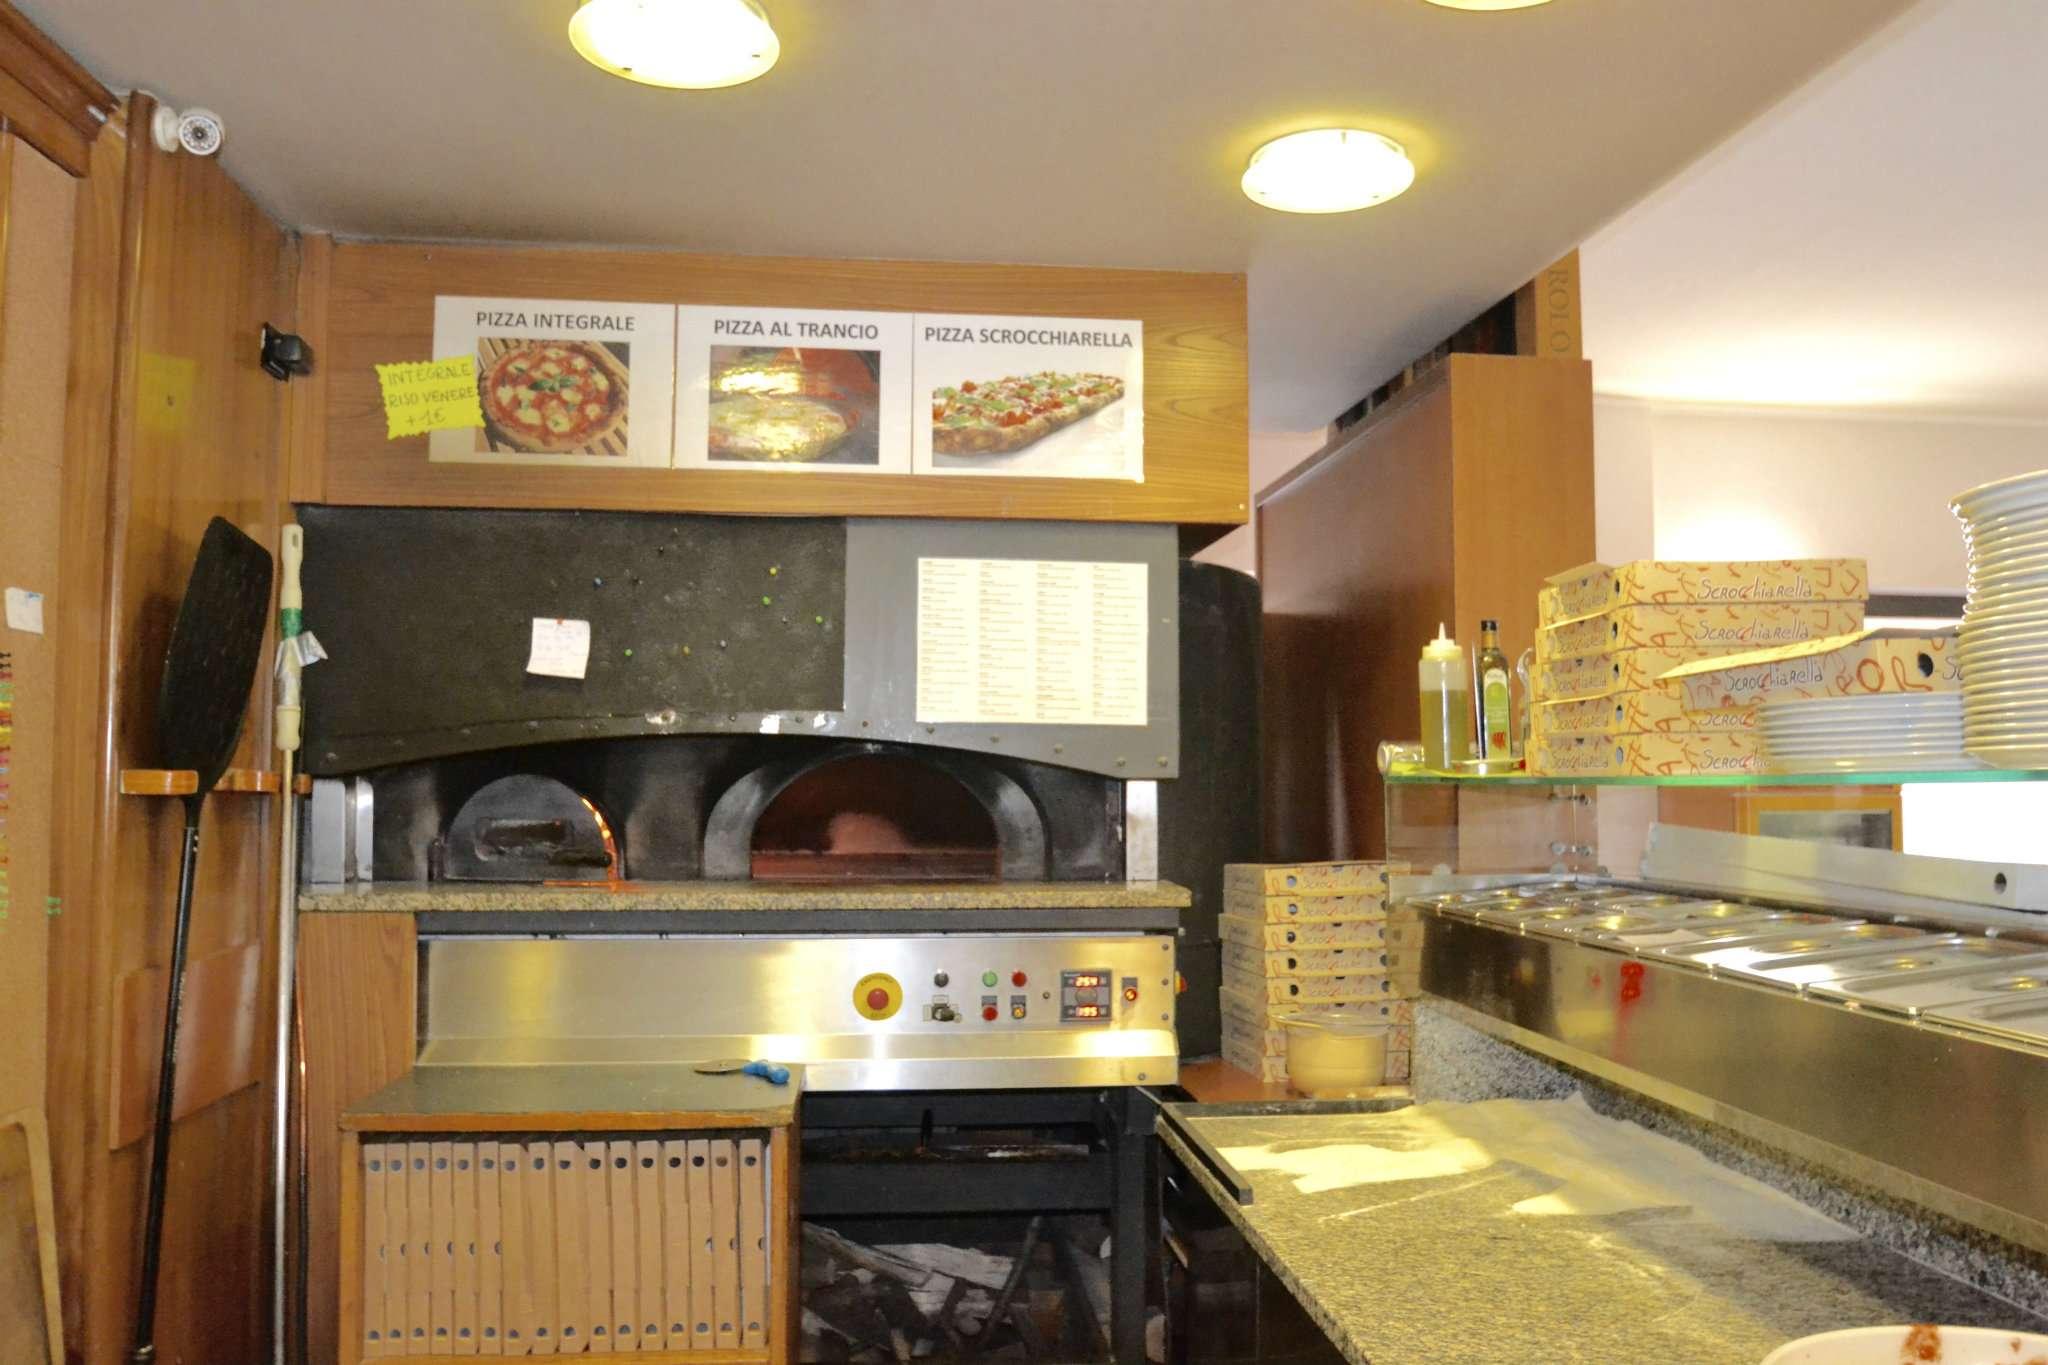 Ristorante / Pizzeria / Trattoria in vendita a Cazzano Sant'Andrea, 3 locali, prezzo € 149.000 | CambioCasa.it